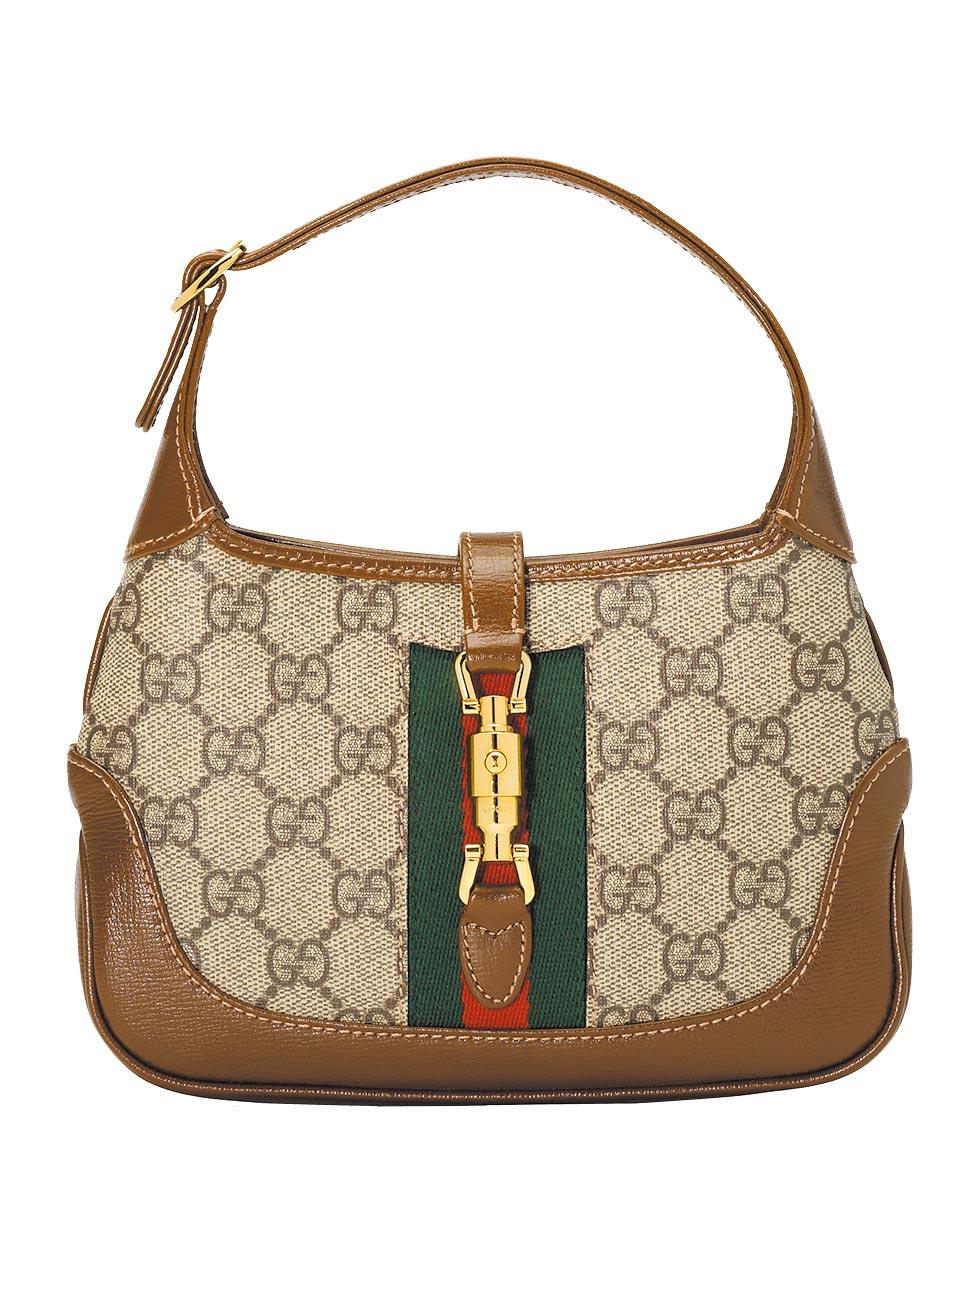 Gucci Jackie Bag經典Logo迷你肩背包,在1961年爆紅,並於今年推出迷你尺寸,5萬500元。(Gucci提供)